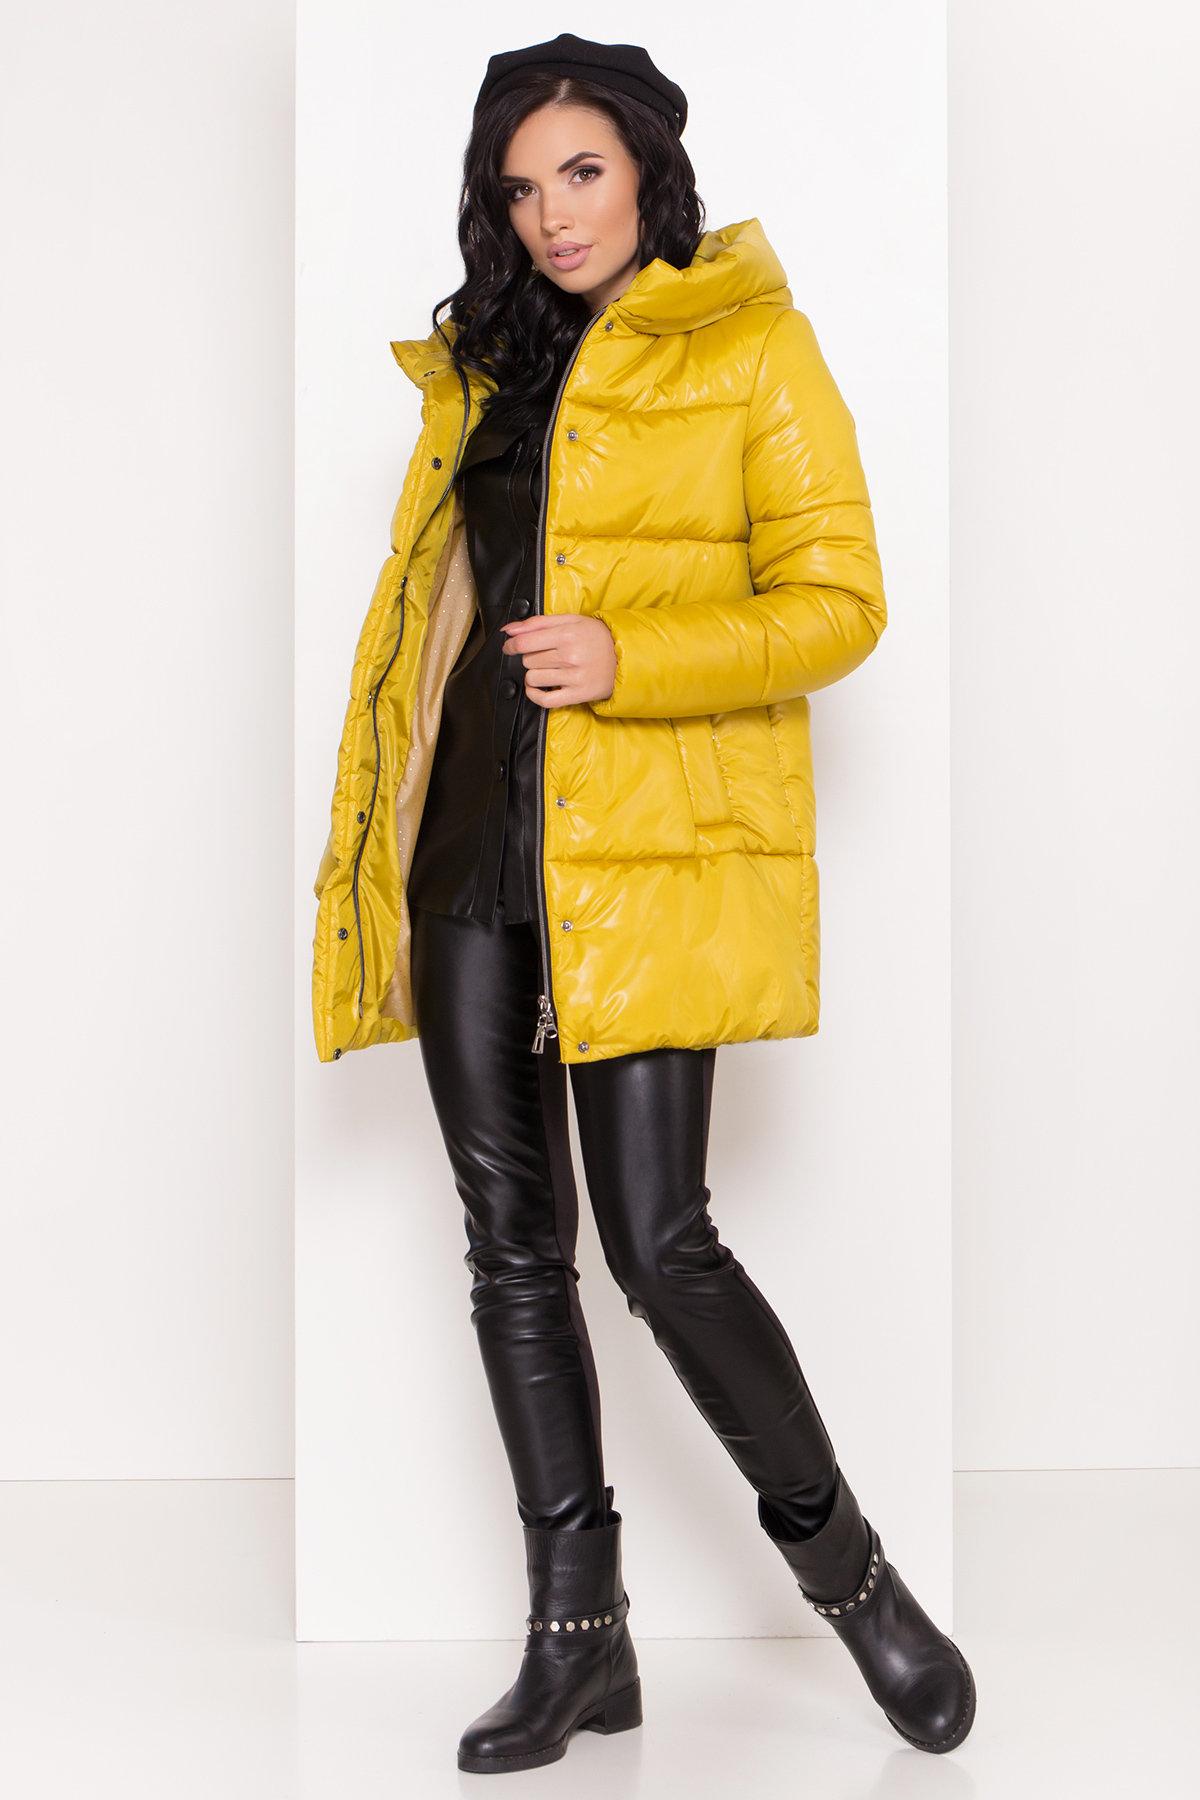 Женская зимняя куртка пуховик Техас Лаке 8238 АРТ. 44284 Цвет: Горчица - фото 1, интернет магазин tm-modus.ru